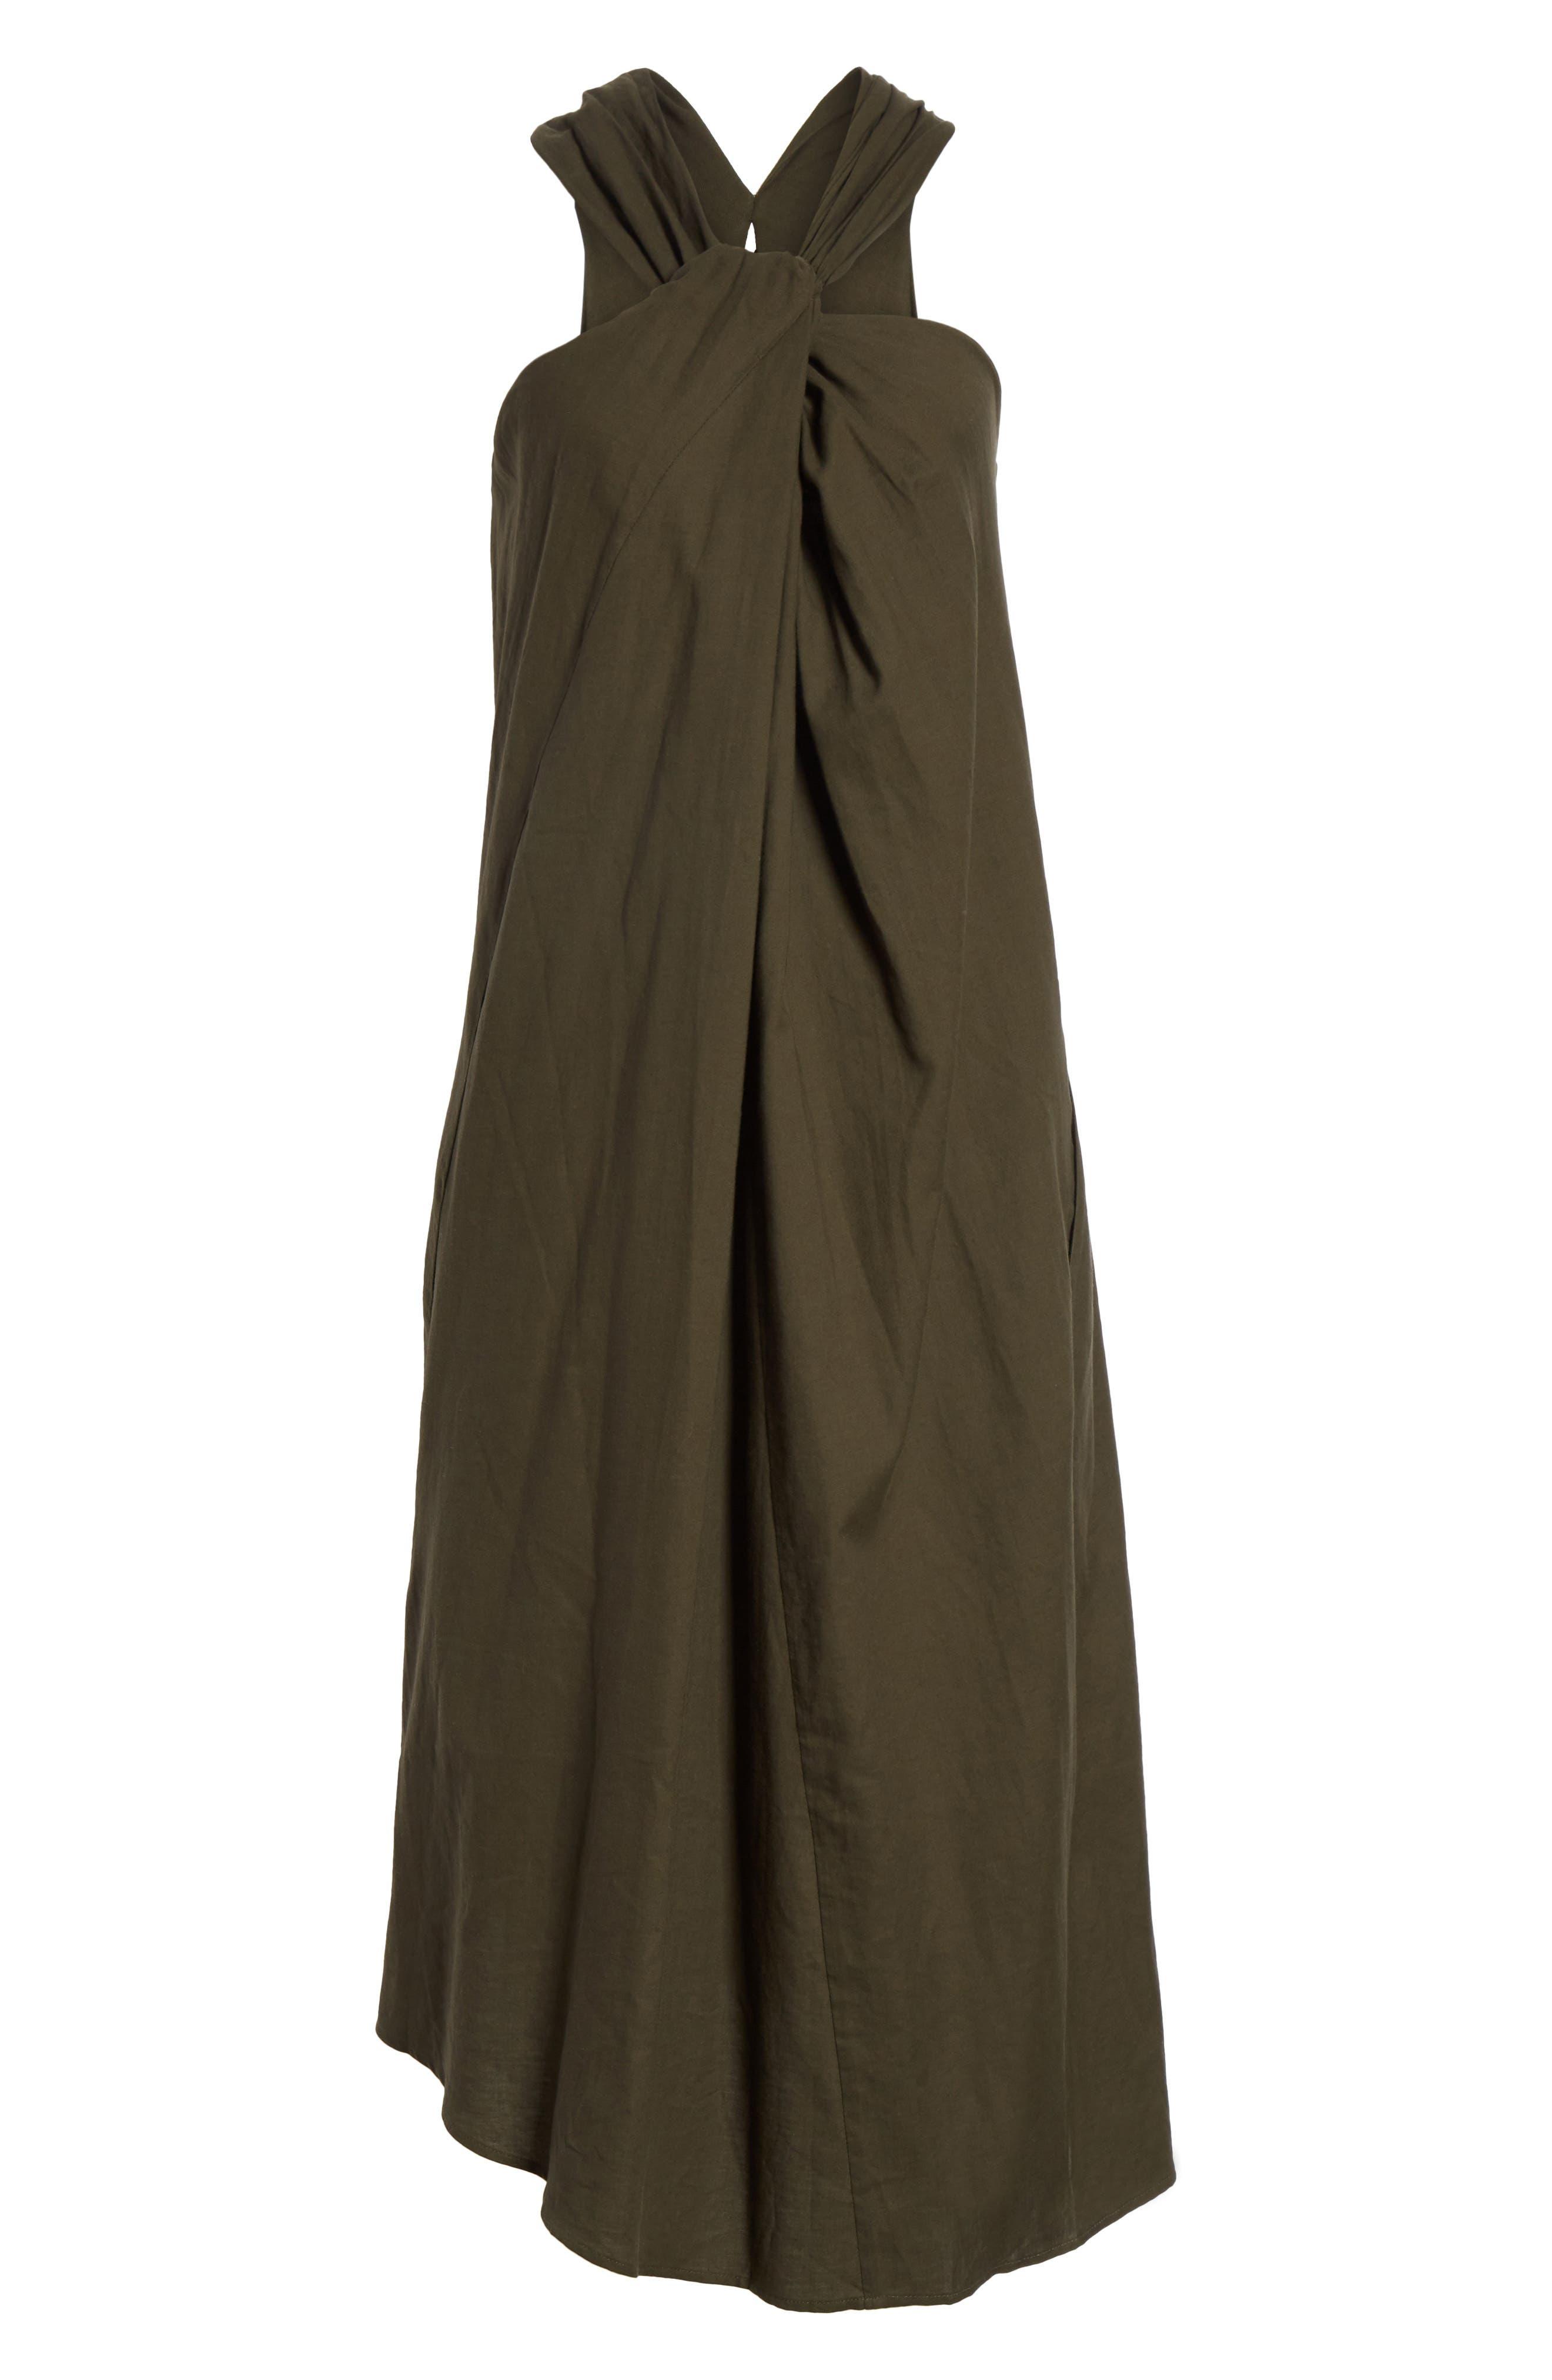 VINCE,                             Twist Front Dress,                             Alternate thumbnail 6, color,                             359